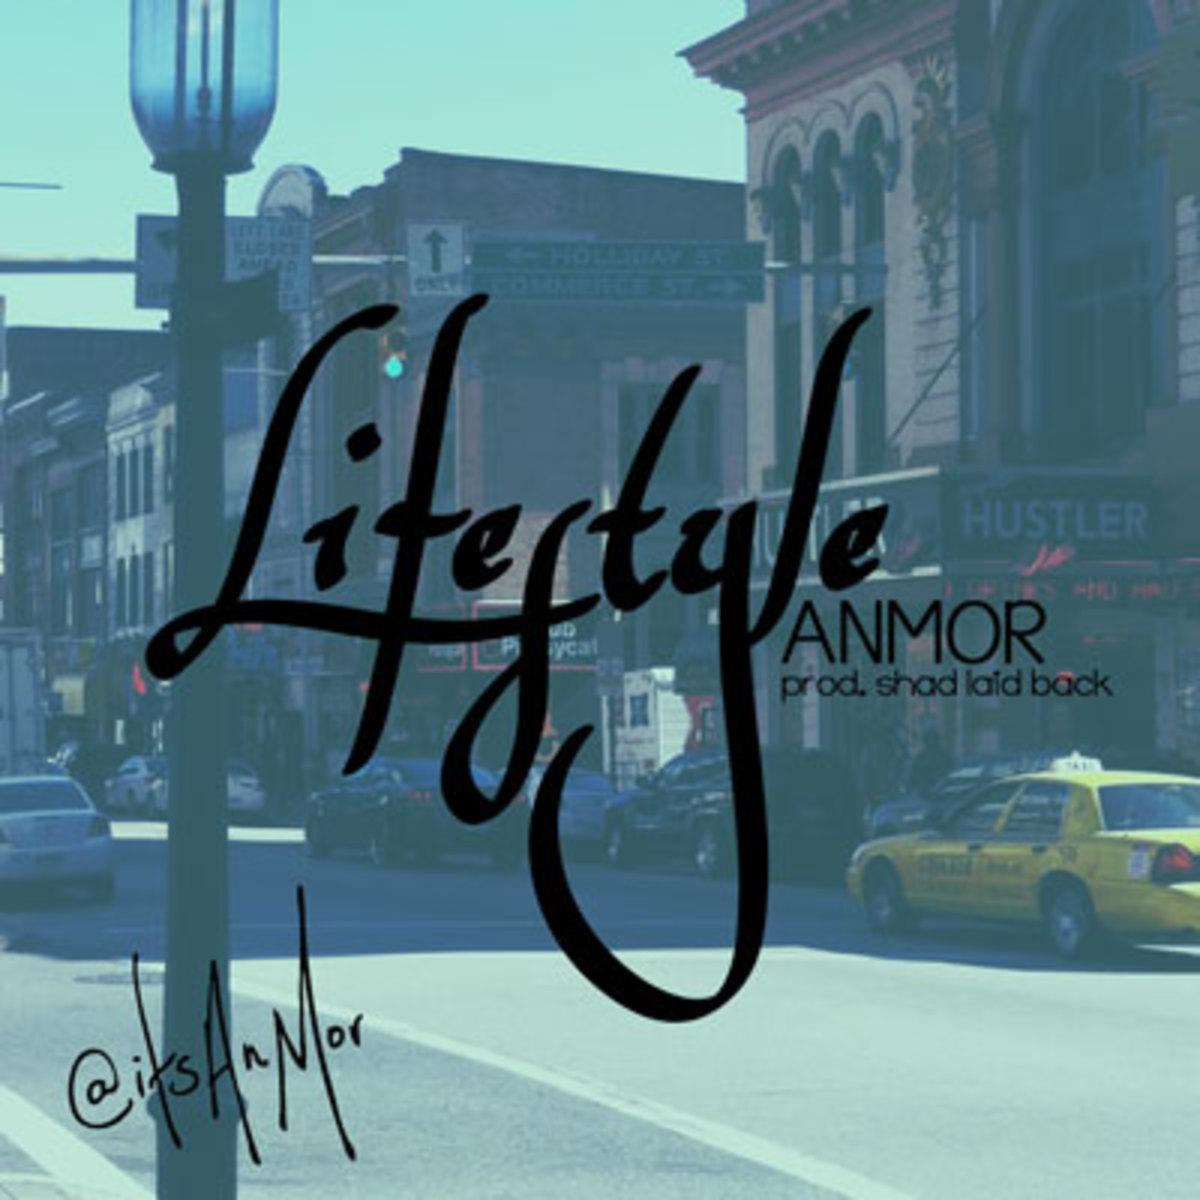 anmor-lifestyle.jpg